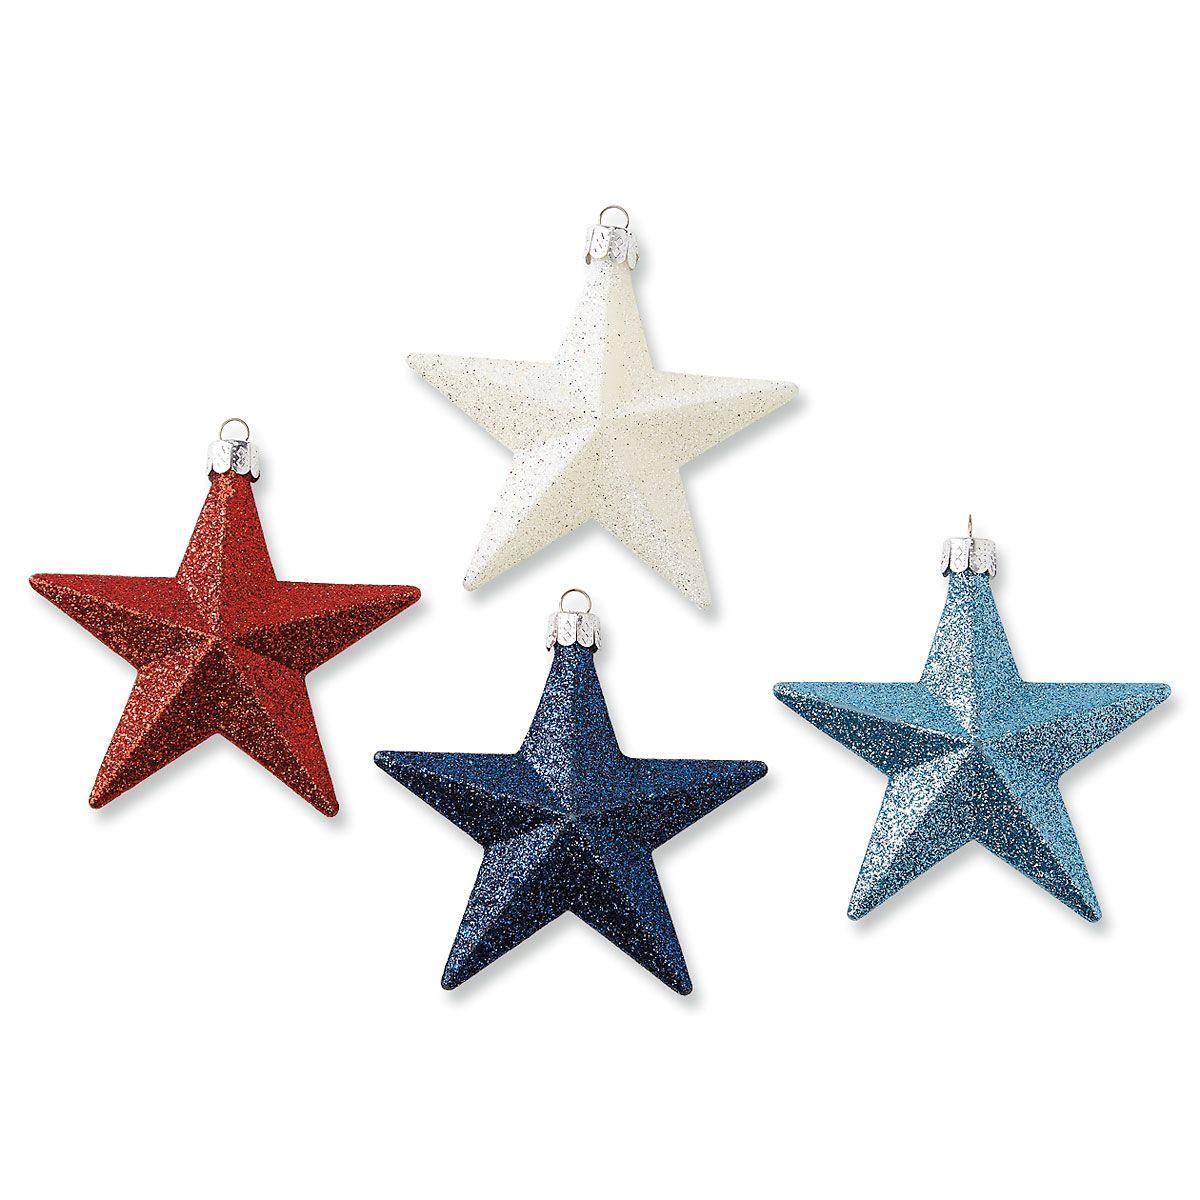 Glitter Star Patriotic Ornaments